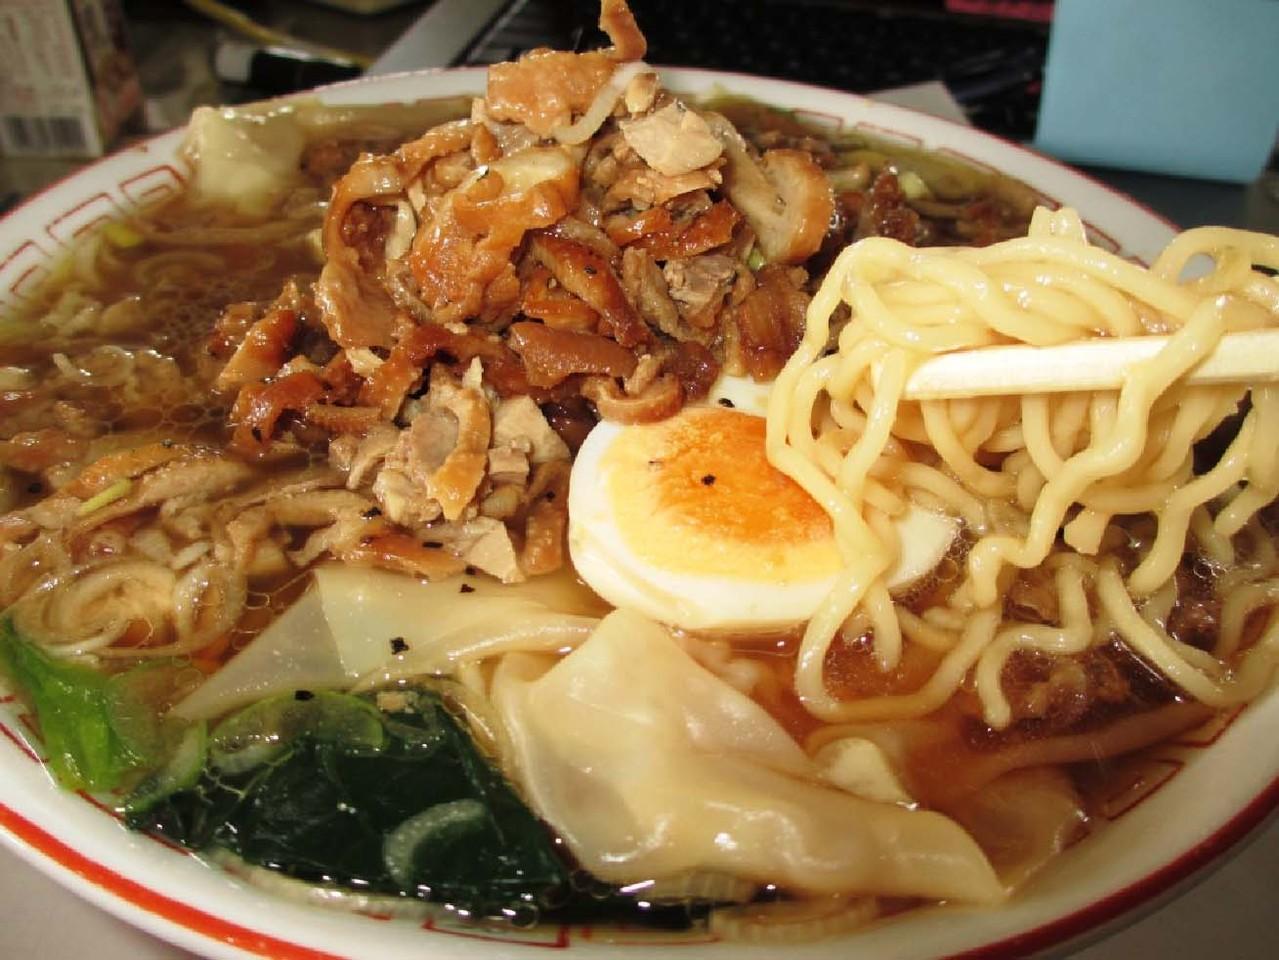 もつが筑波山と同じような形をしています。水面(スープ)には、「逆さもつ」が映りそう!!